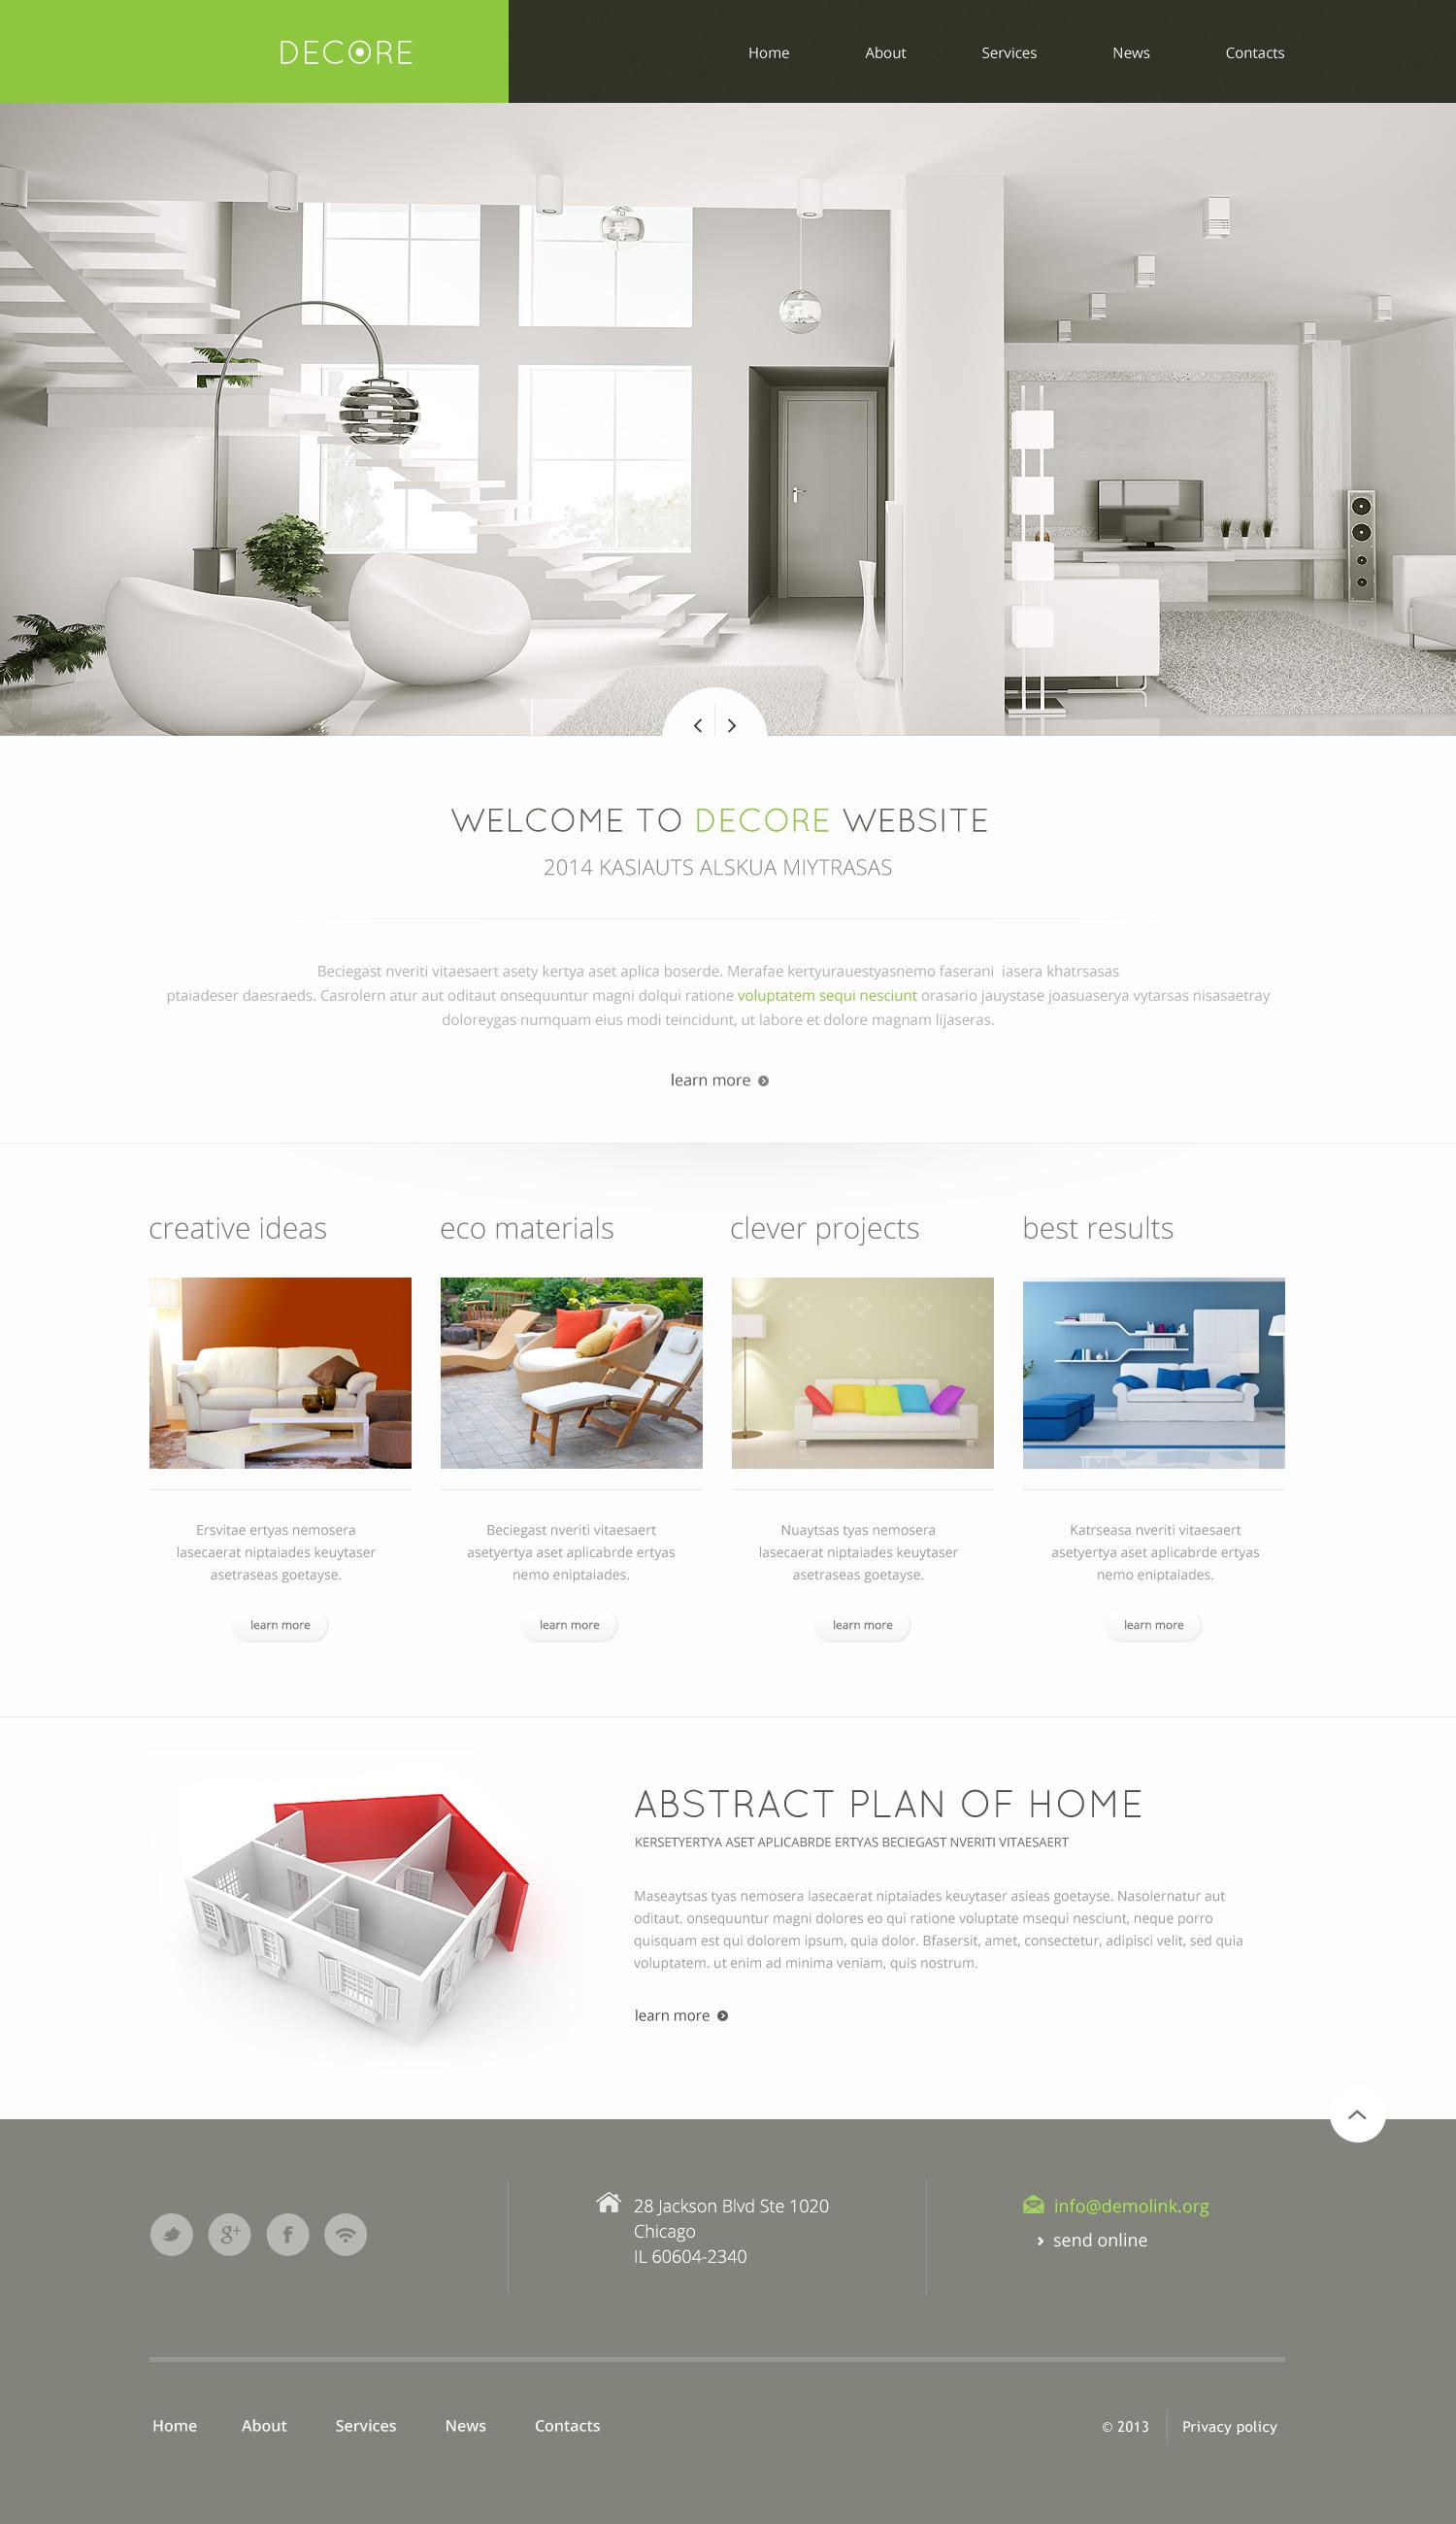 Modèle Web adaptatif pour site de décoration de la maison #46692